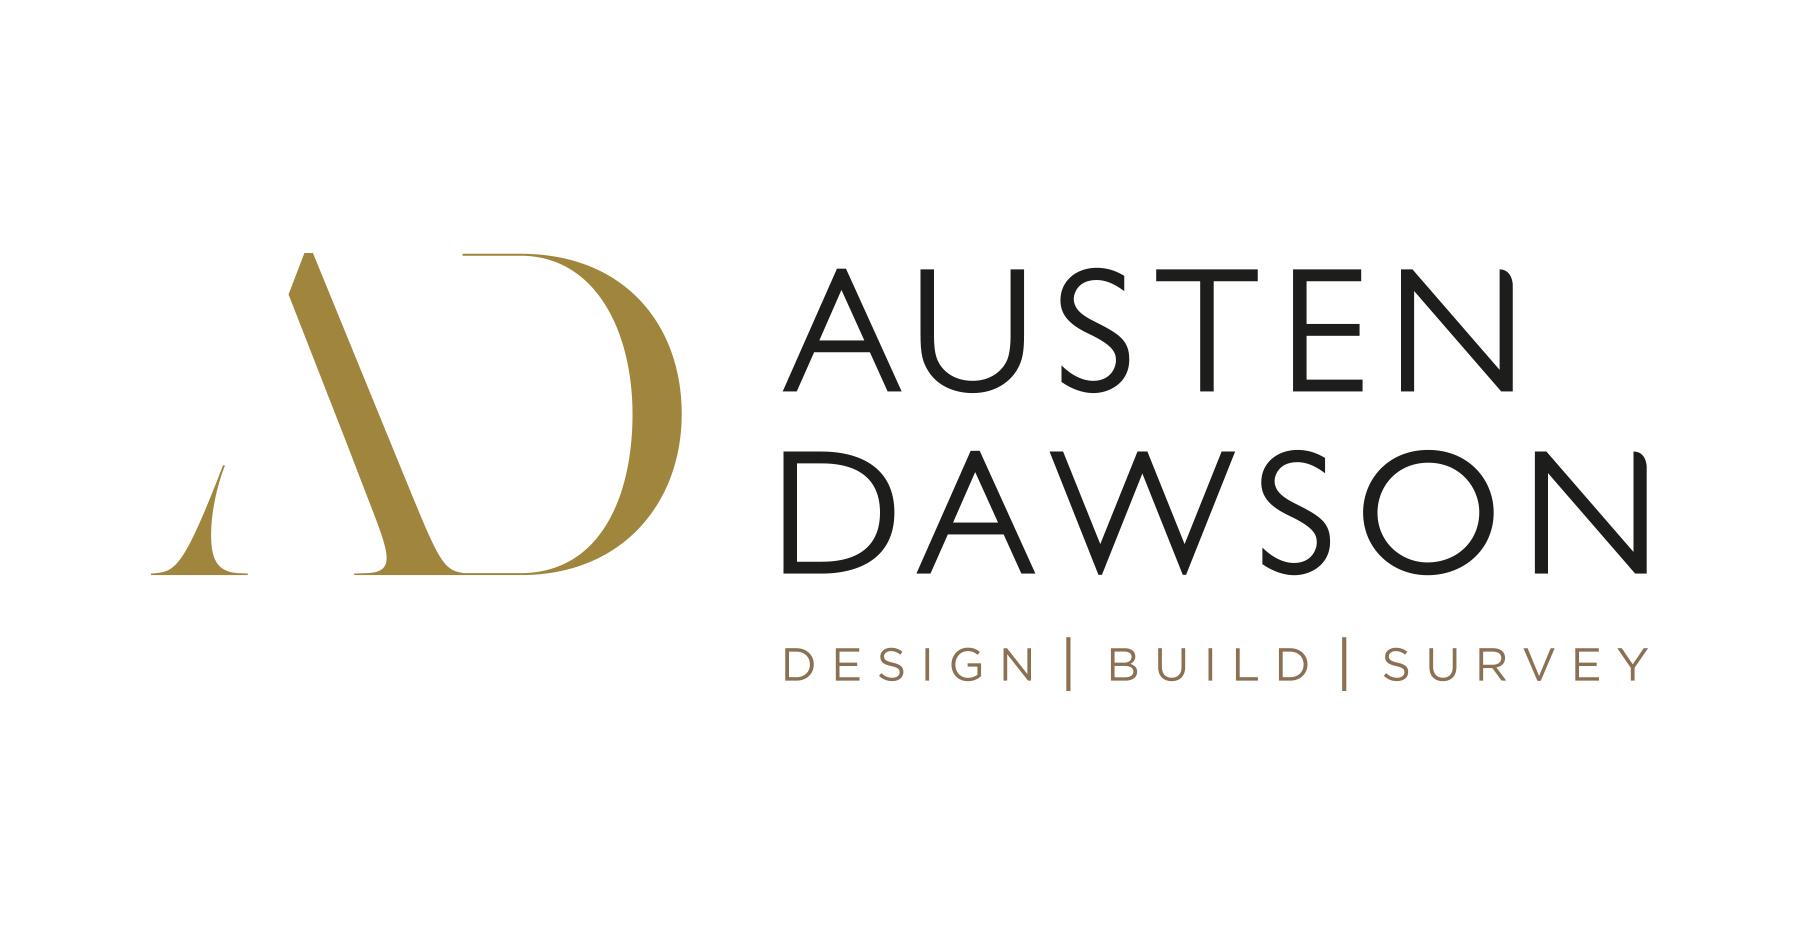 Austen Dawson